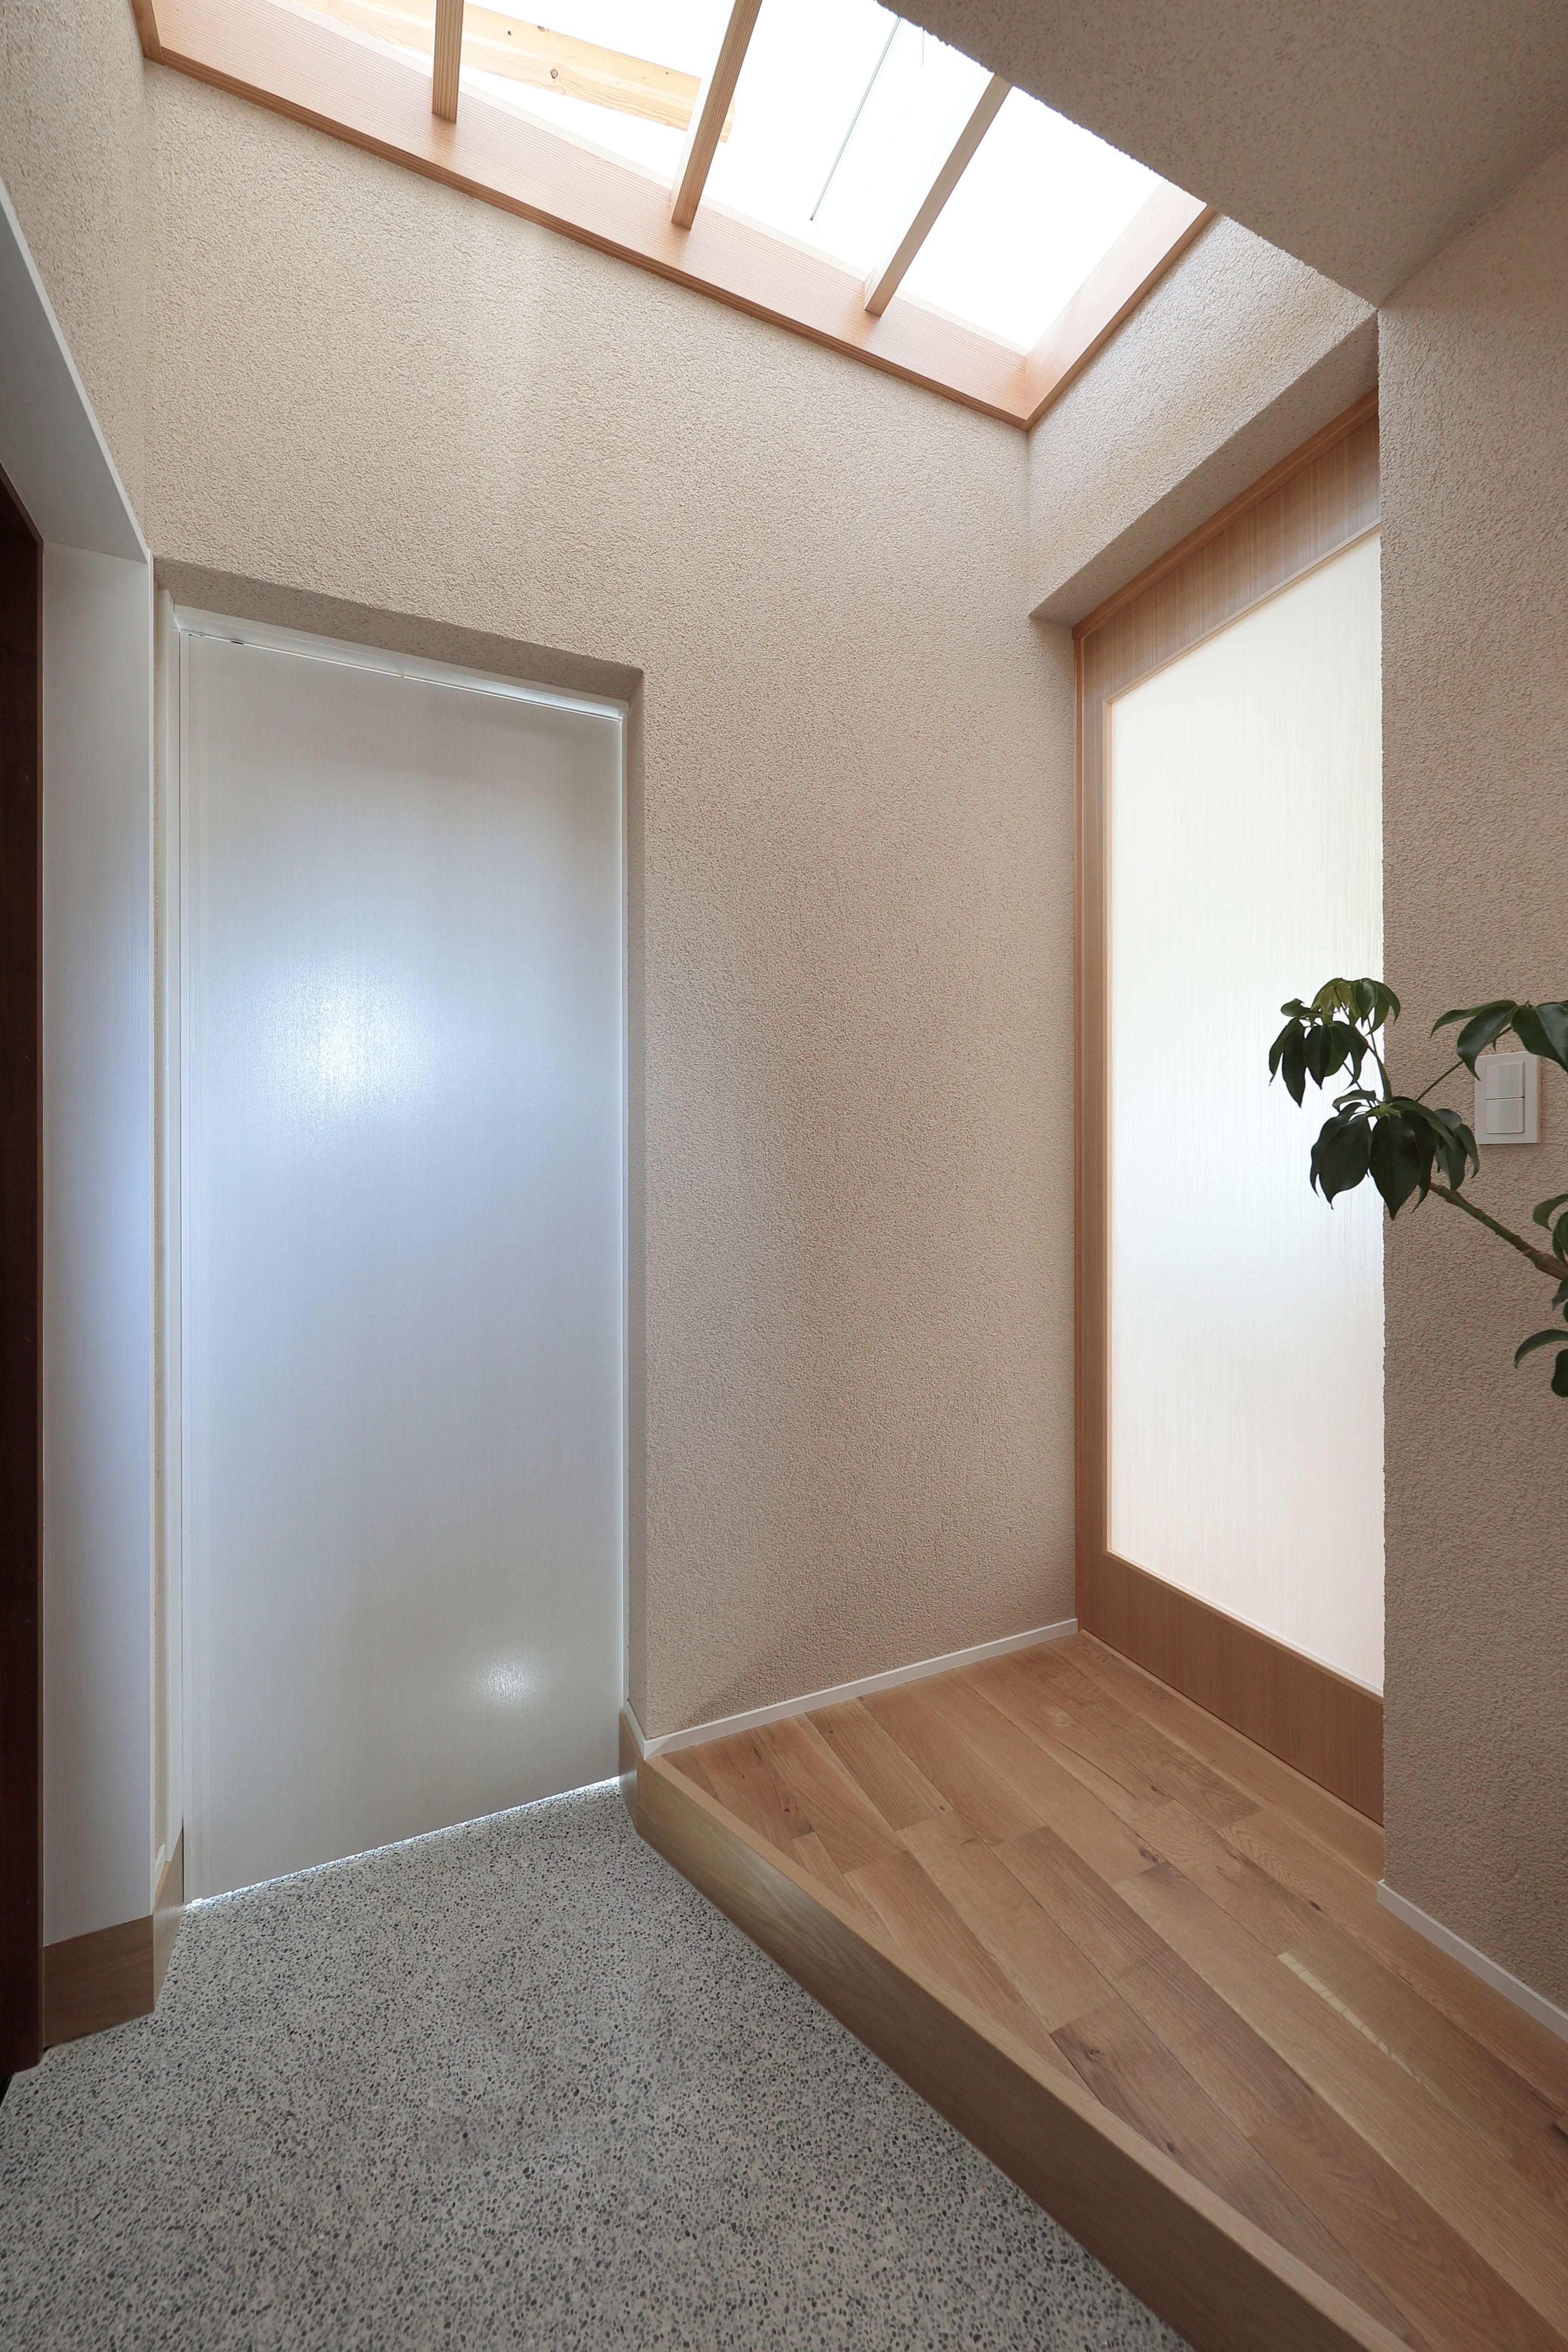 吹き抜けの部分を利用して 自然光で玄関を明るくする 玄関 自然光